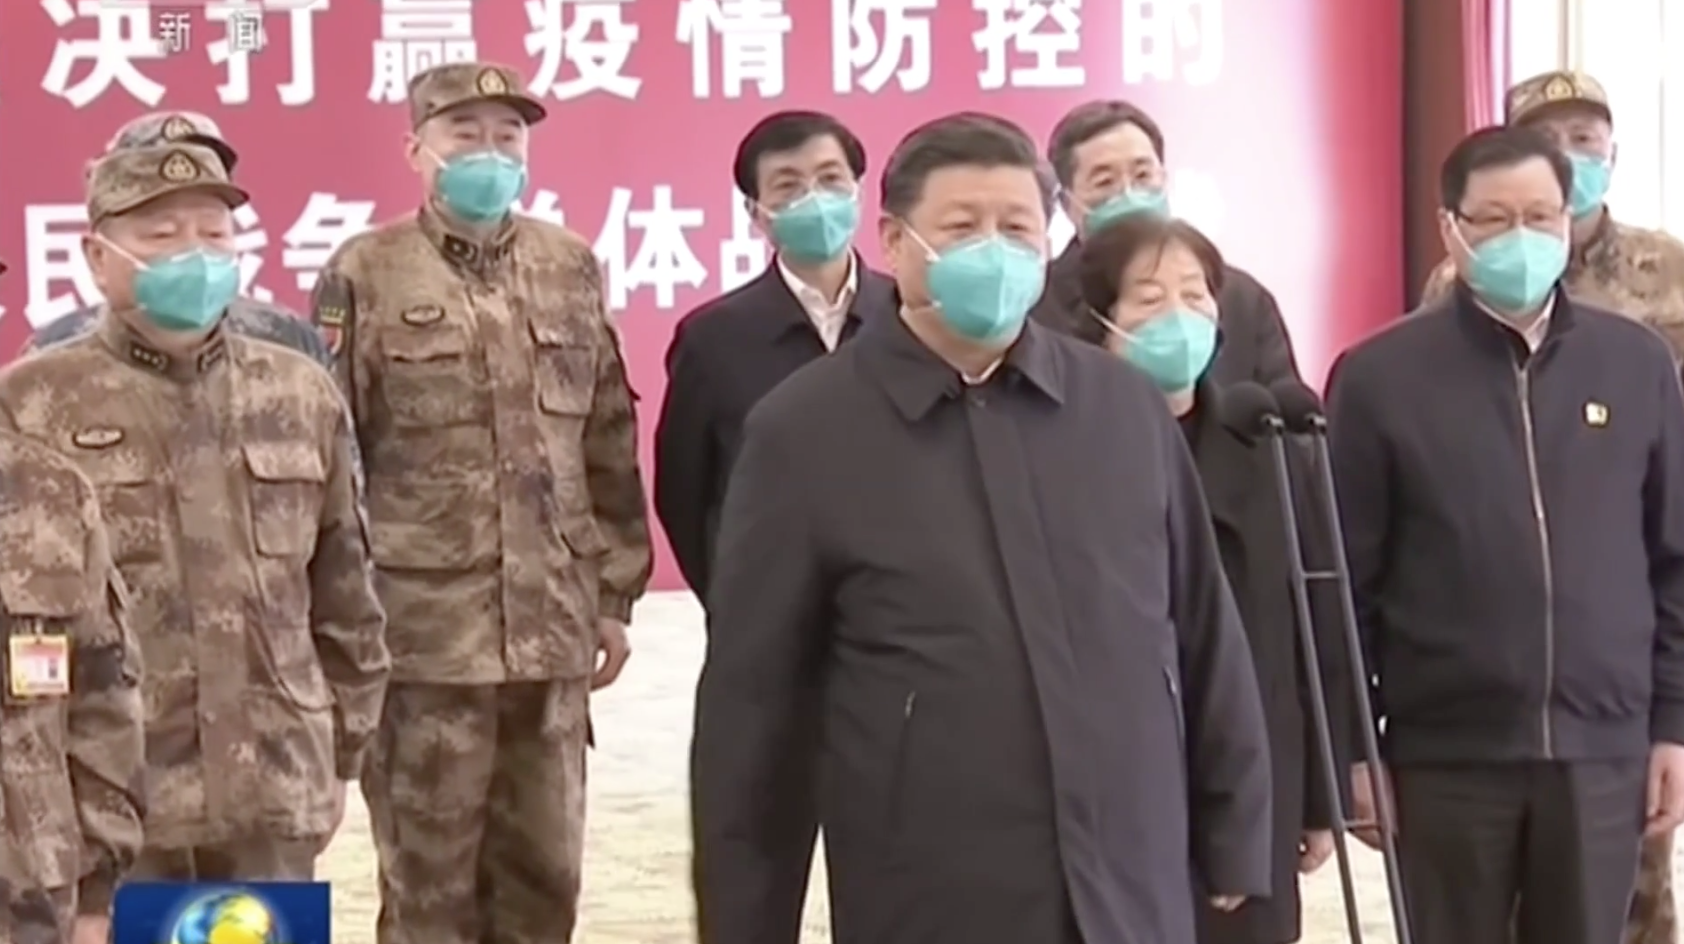 Chủ Tịch Trung Cộng Tập Cận Bình đến thăm Vũ Hán khi số ca nhiễm coronavirus giảm mạnh